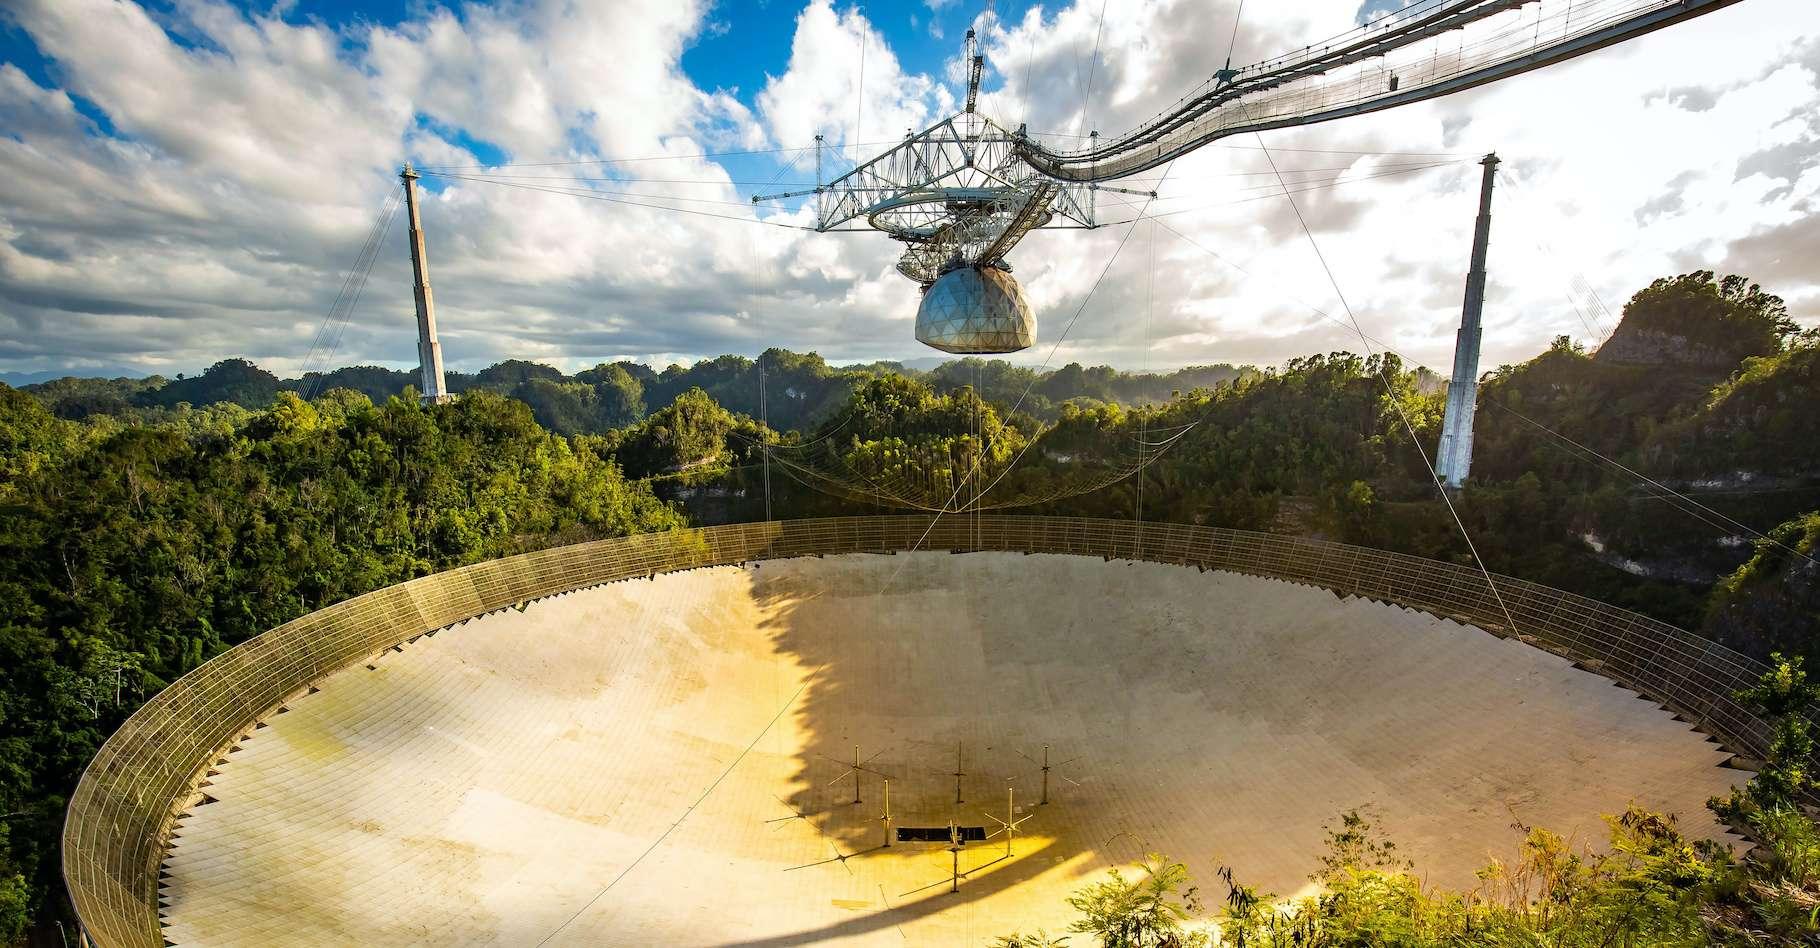 Le radiotélescope d'Arecibo a longtemps été le plus grand radiotélescope simple jamais construit. En ce début de semaine, il a été gravement endommagé par un incident technique. © PhotoSpirit, Adobe Stock